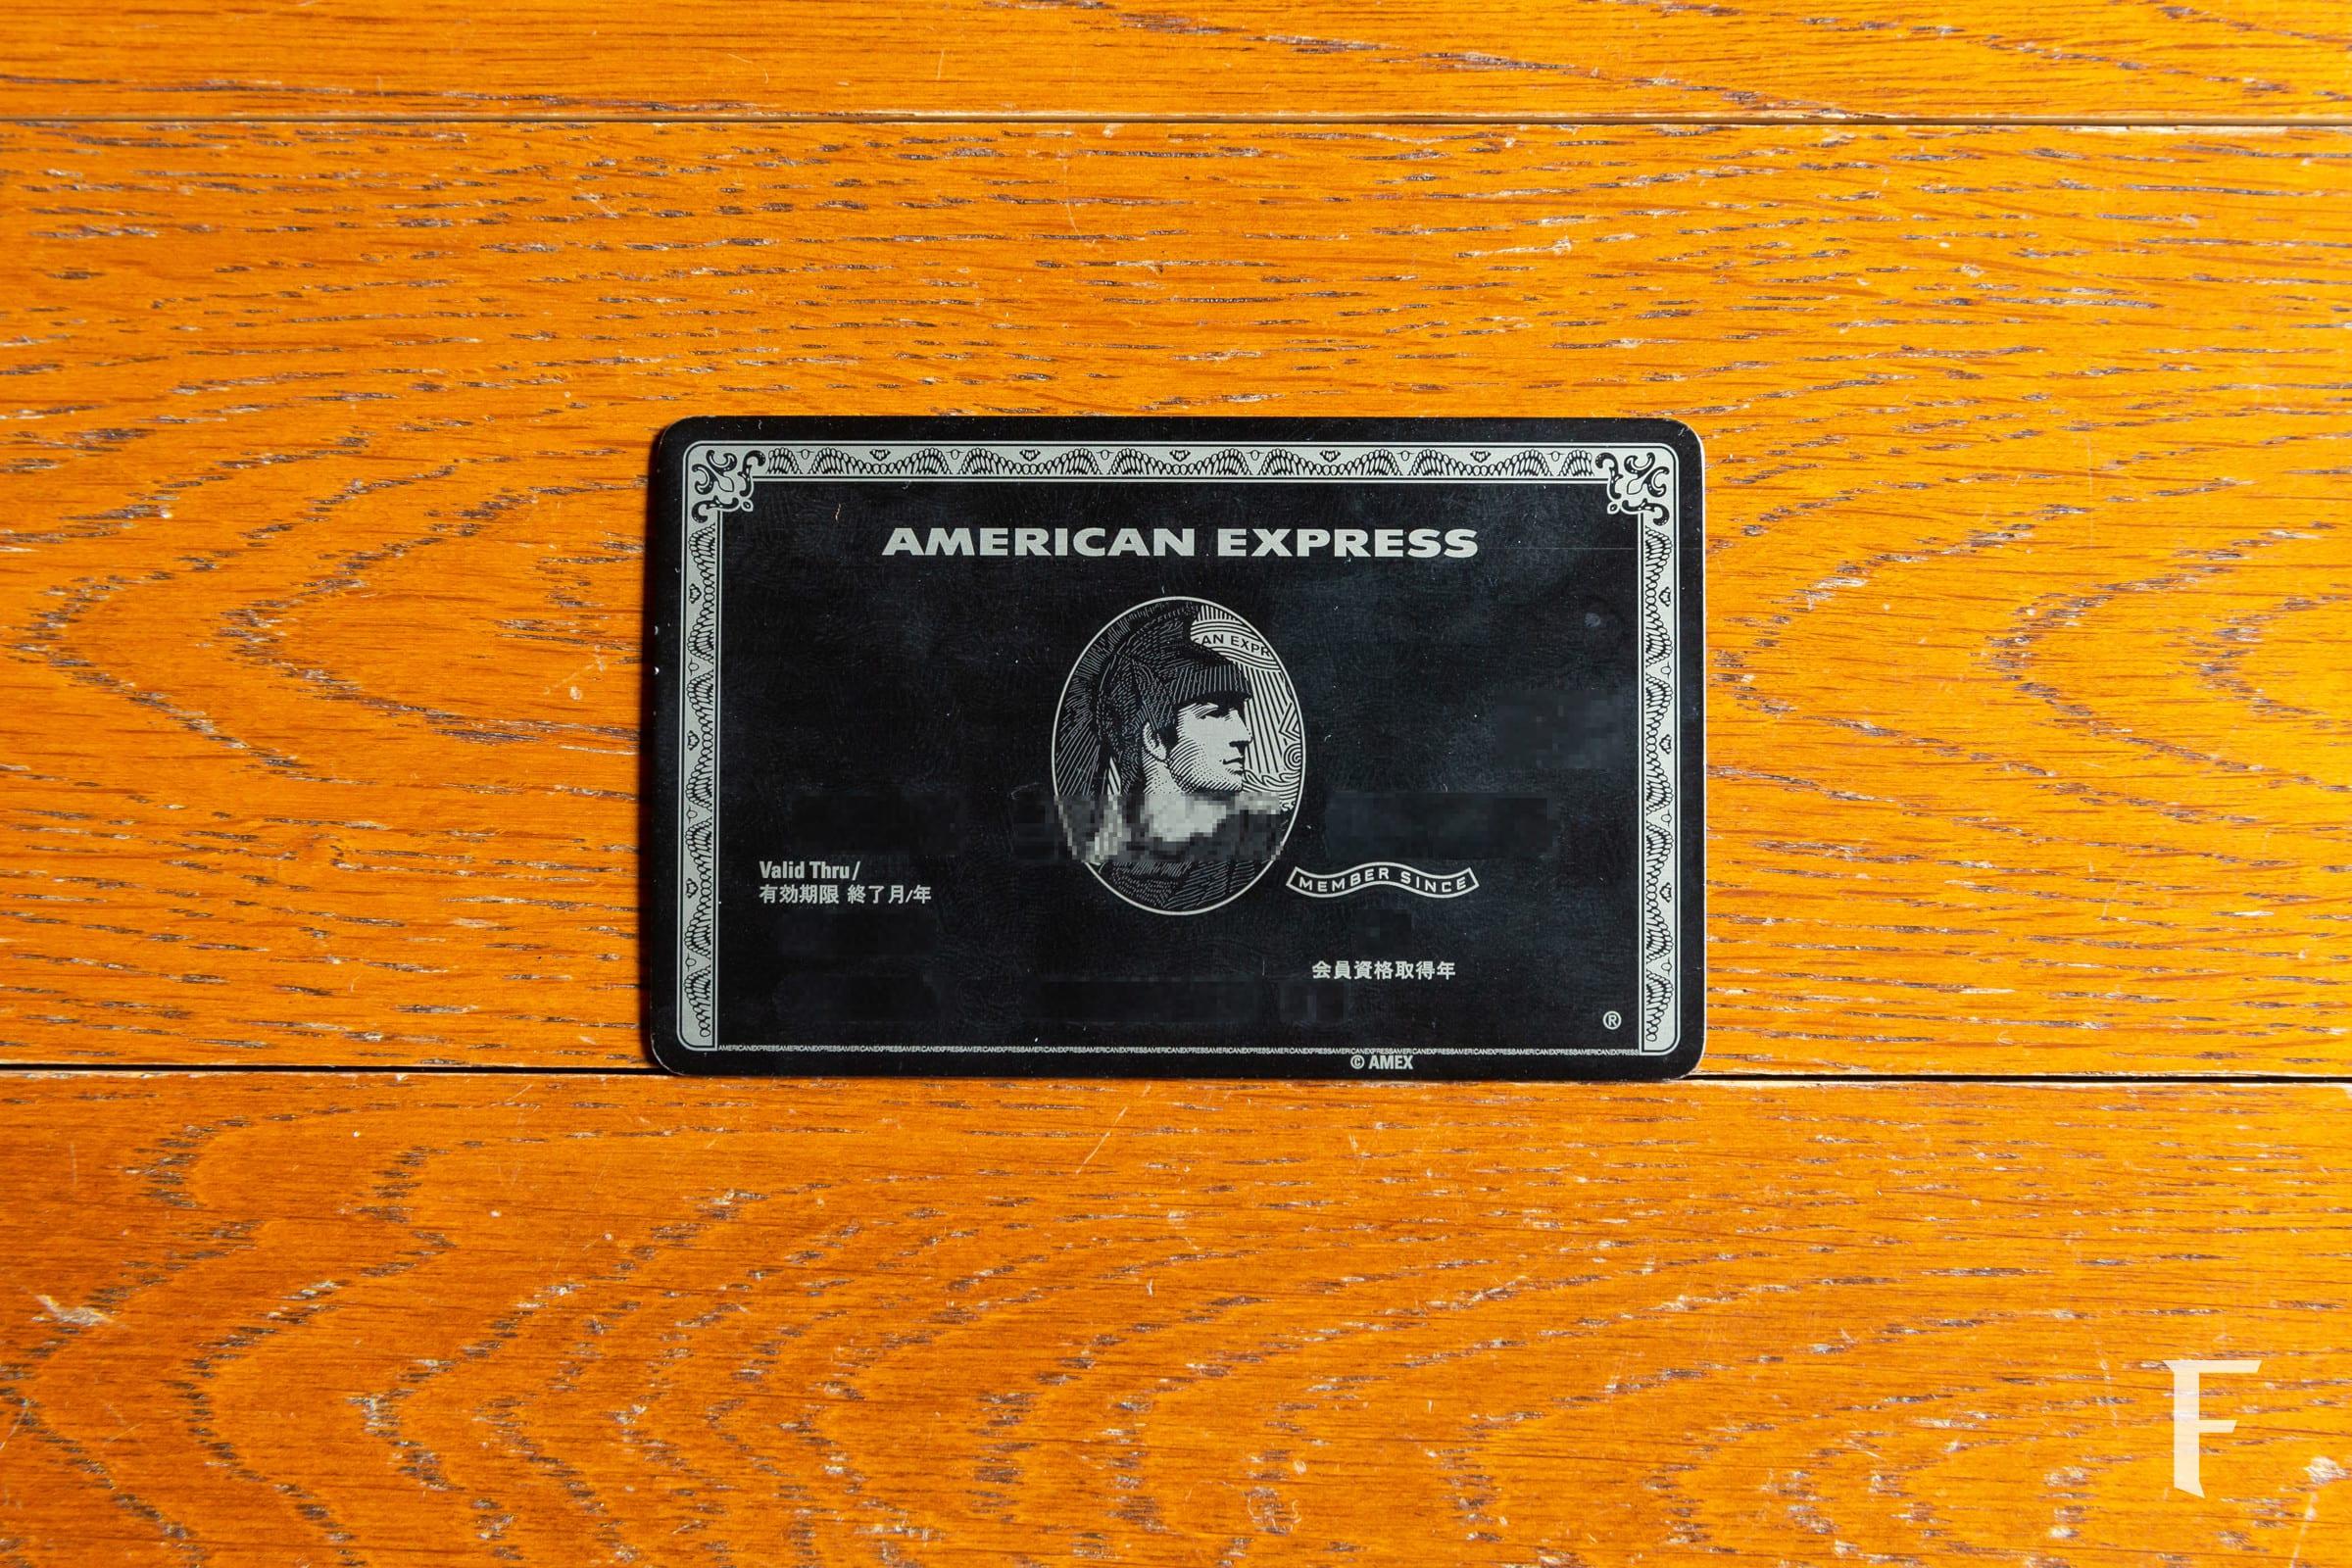 211965dca0 センチュリオン・カード(Centurion Card)って知っていますか?実はこれ、  アメックス(アメリカン・エキスプレス)が発行する超最上グレードの名前なんです。